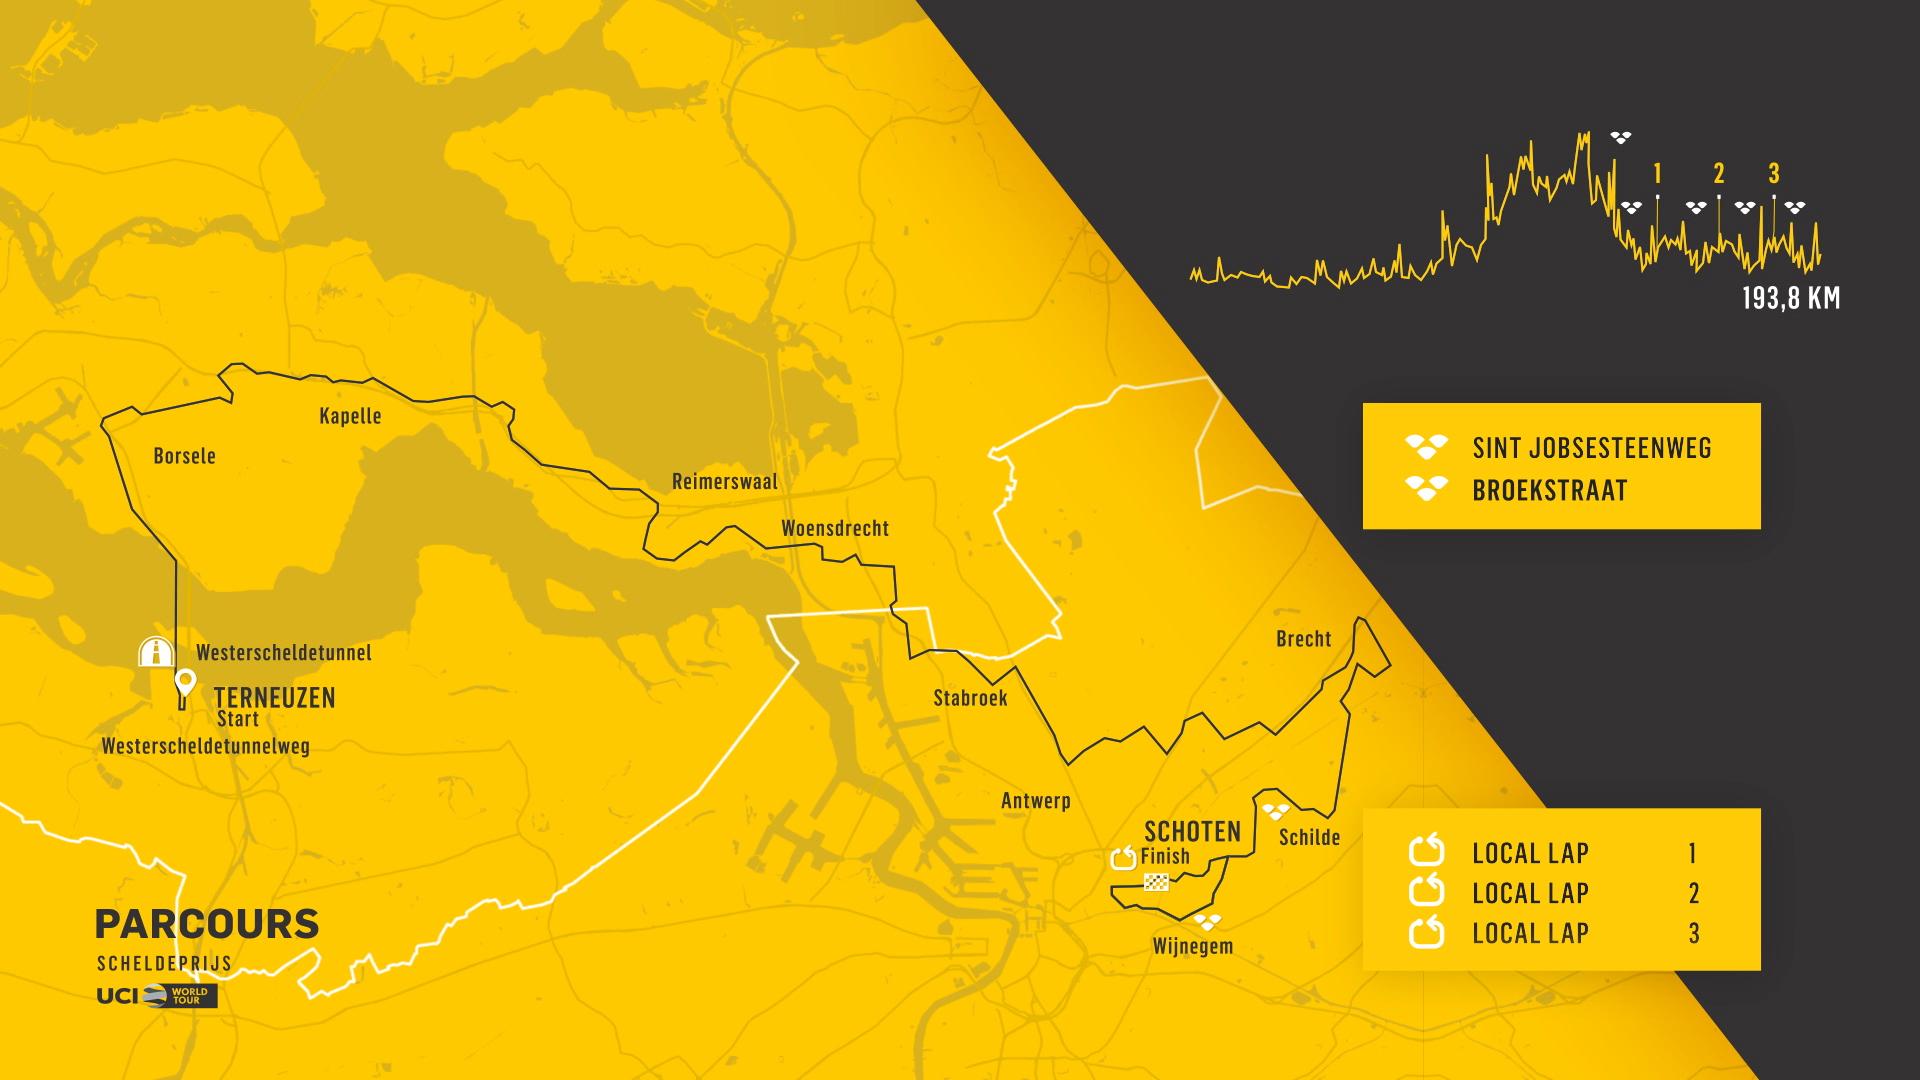 Map, profile for 2021 Scheldeprijs